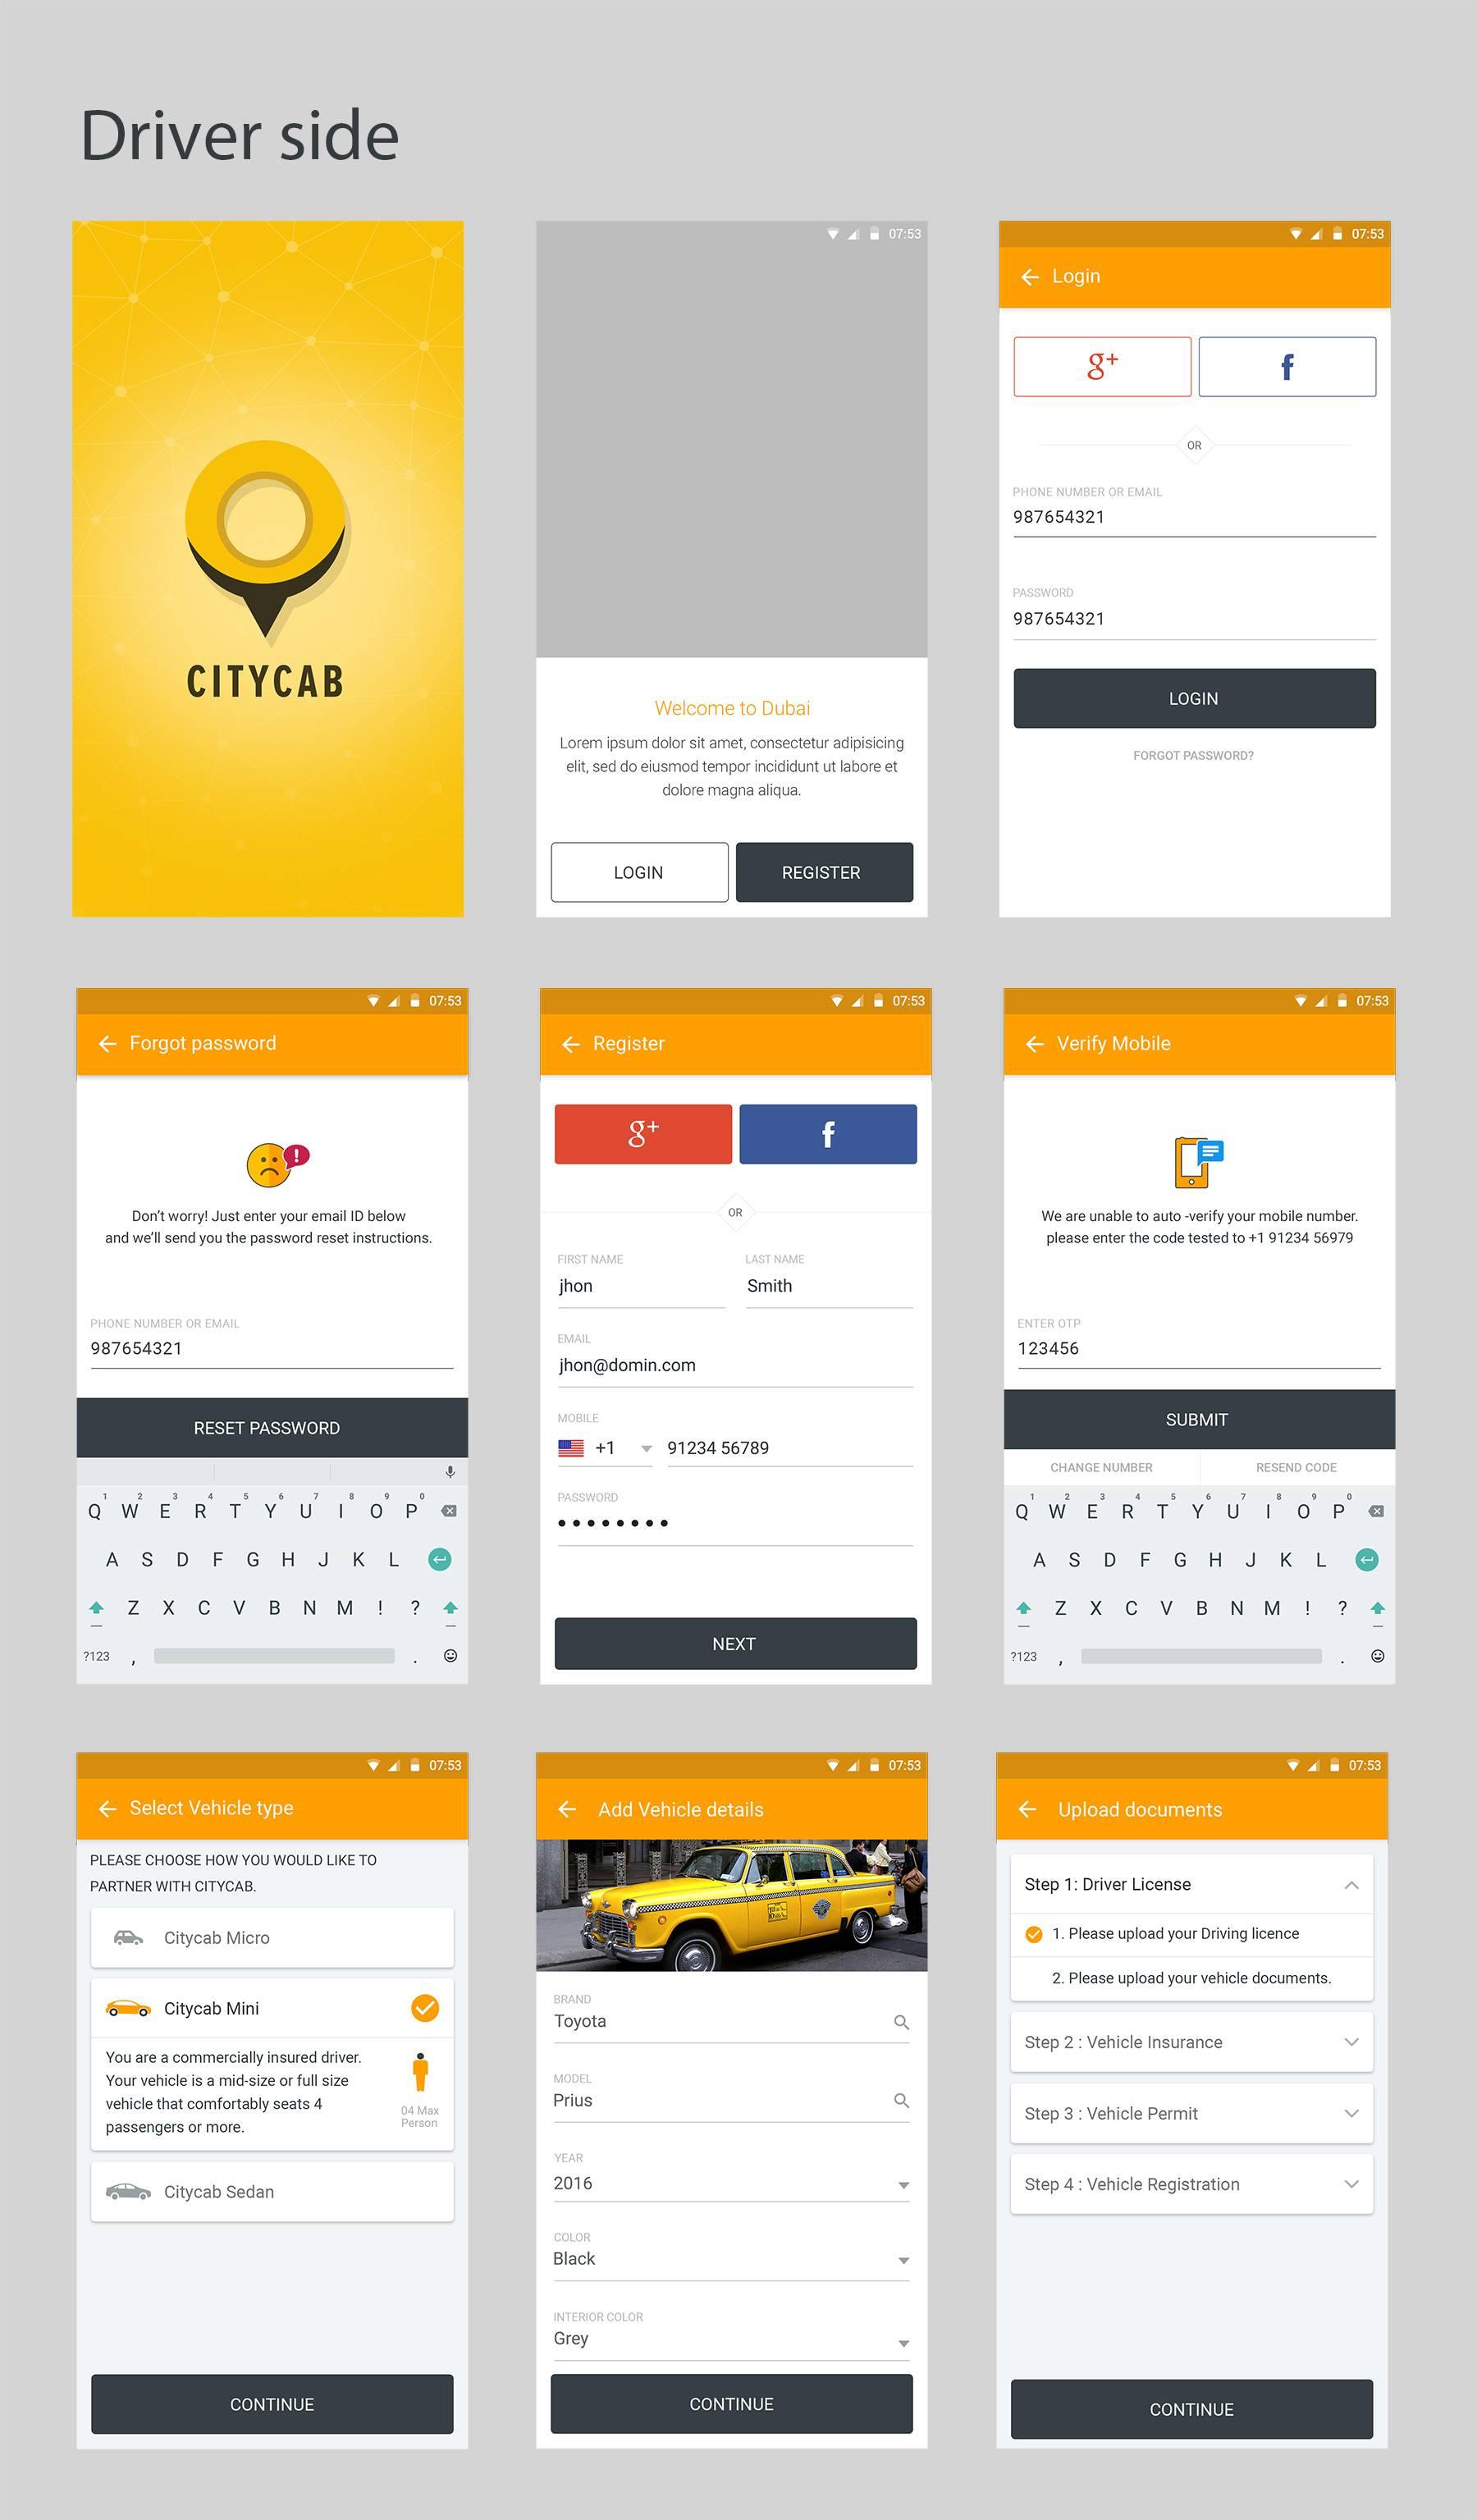 打车软件全套app ui界面设计 .psd素材下载 界面-第1张